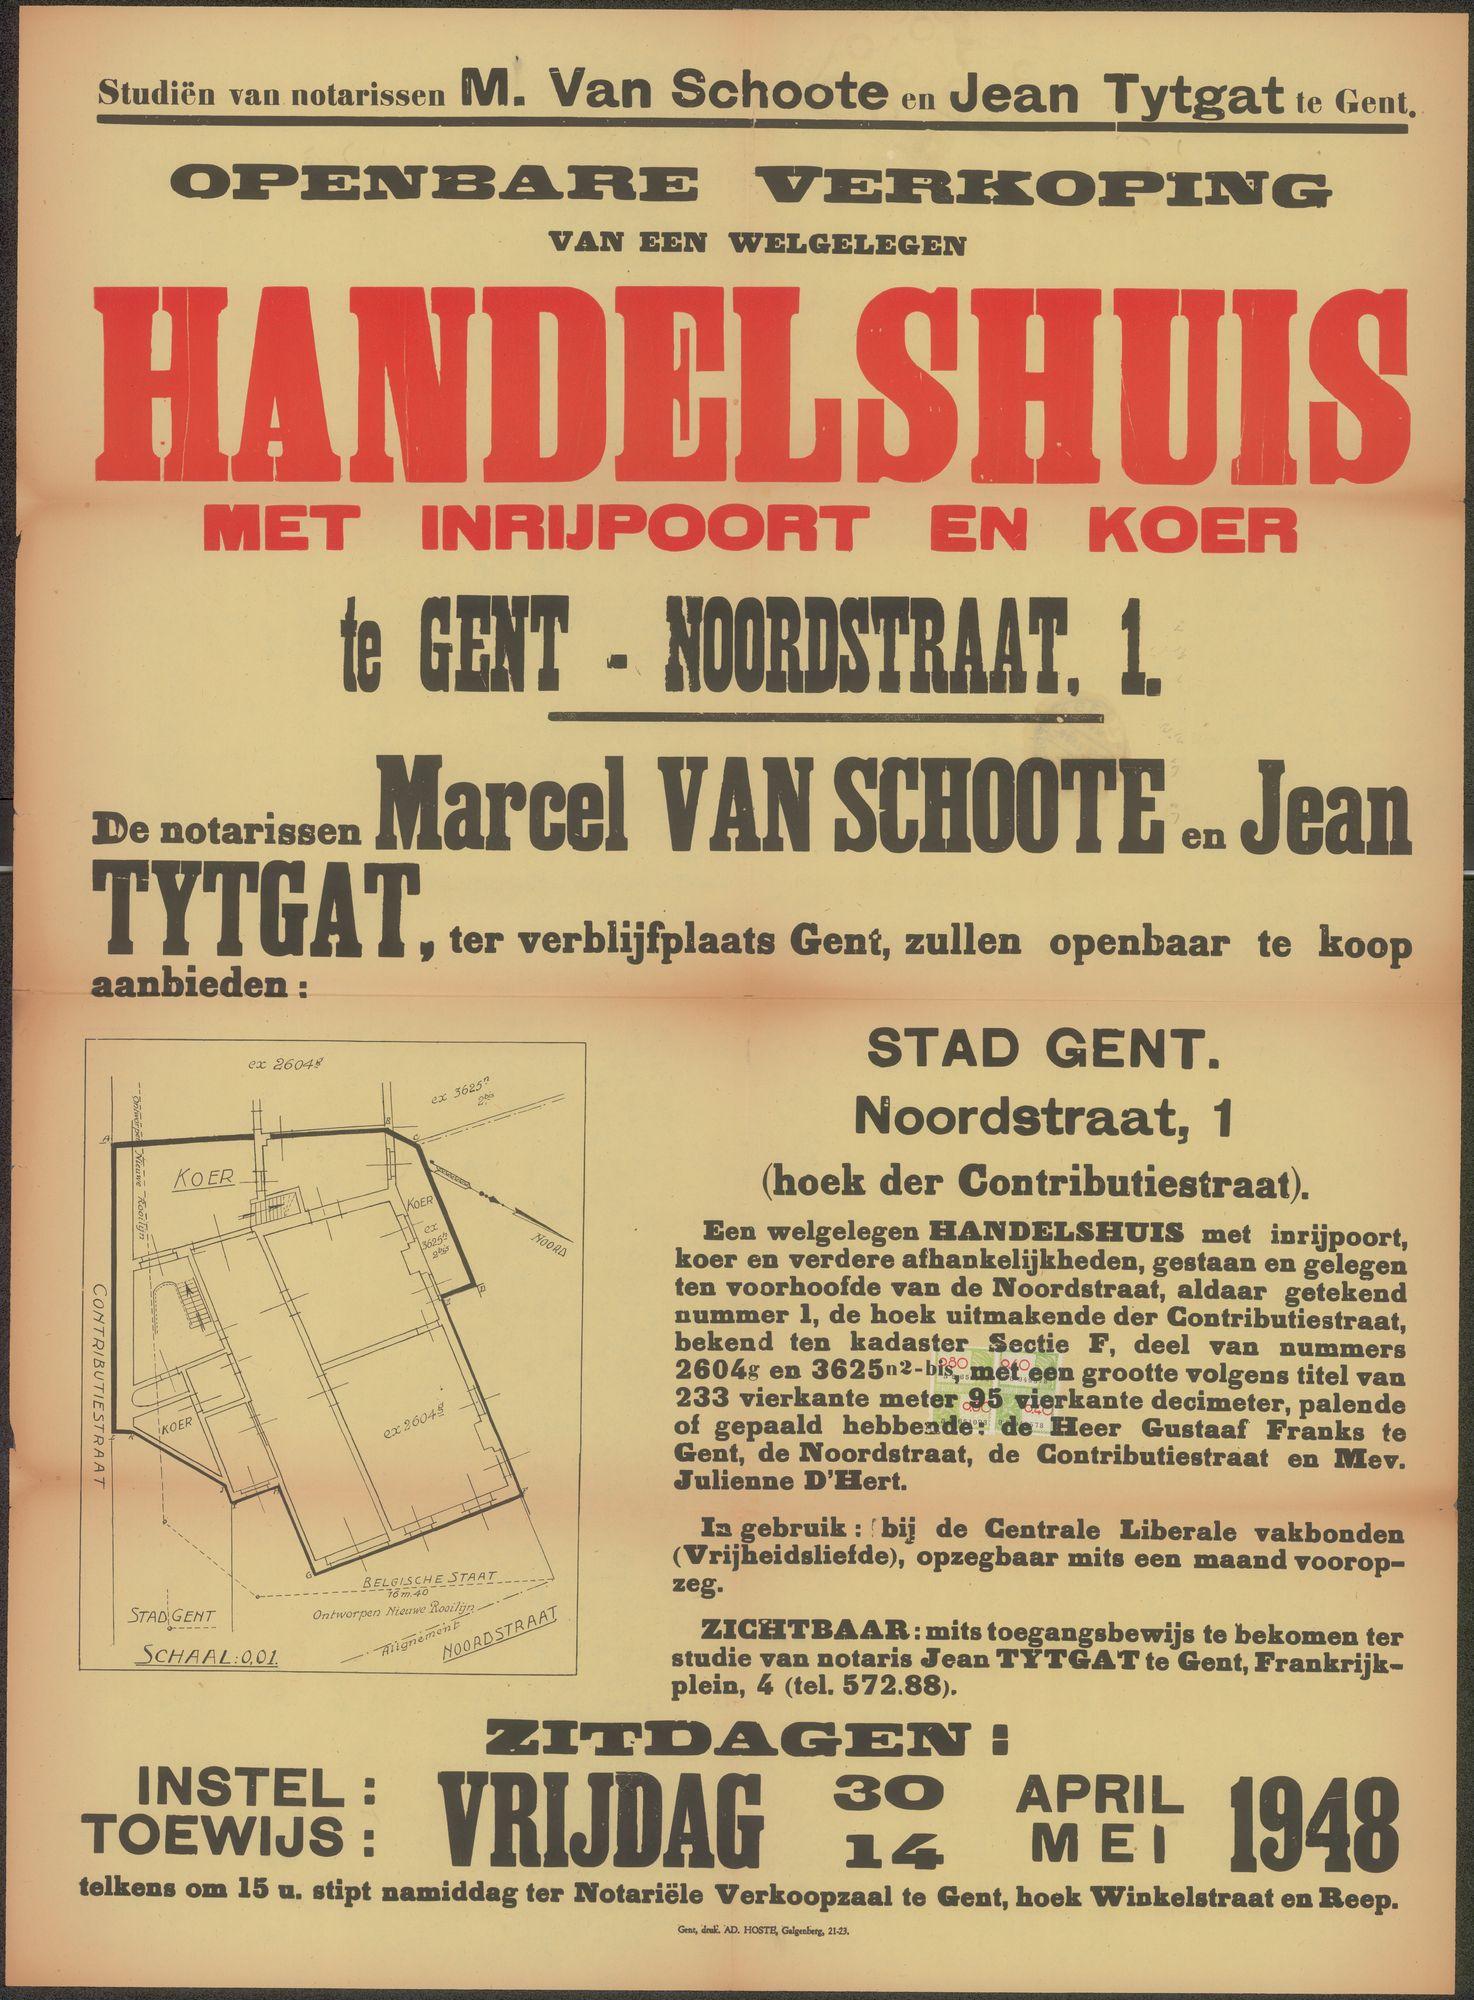 Openbare verkoop van een welgelegen handelshuis met inrijpoort en koer te Gent - Noordstraat, nr.1, Gent, 14 mei 1948